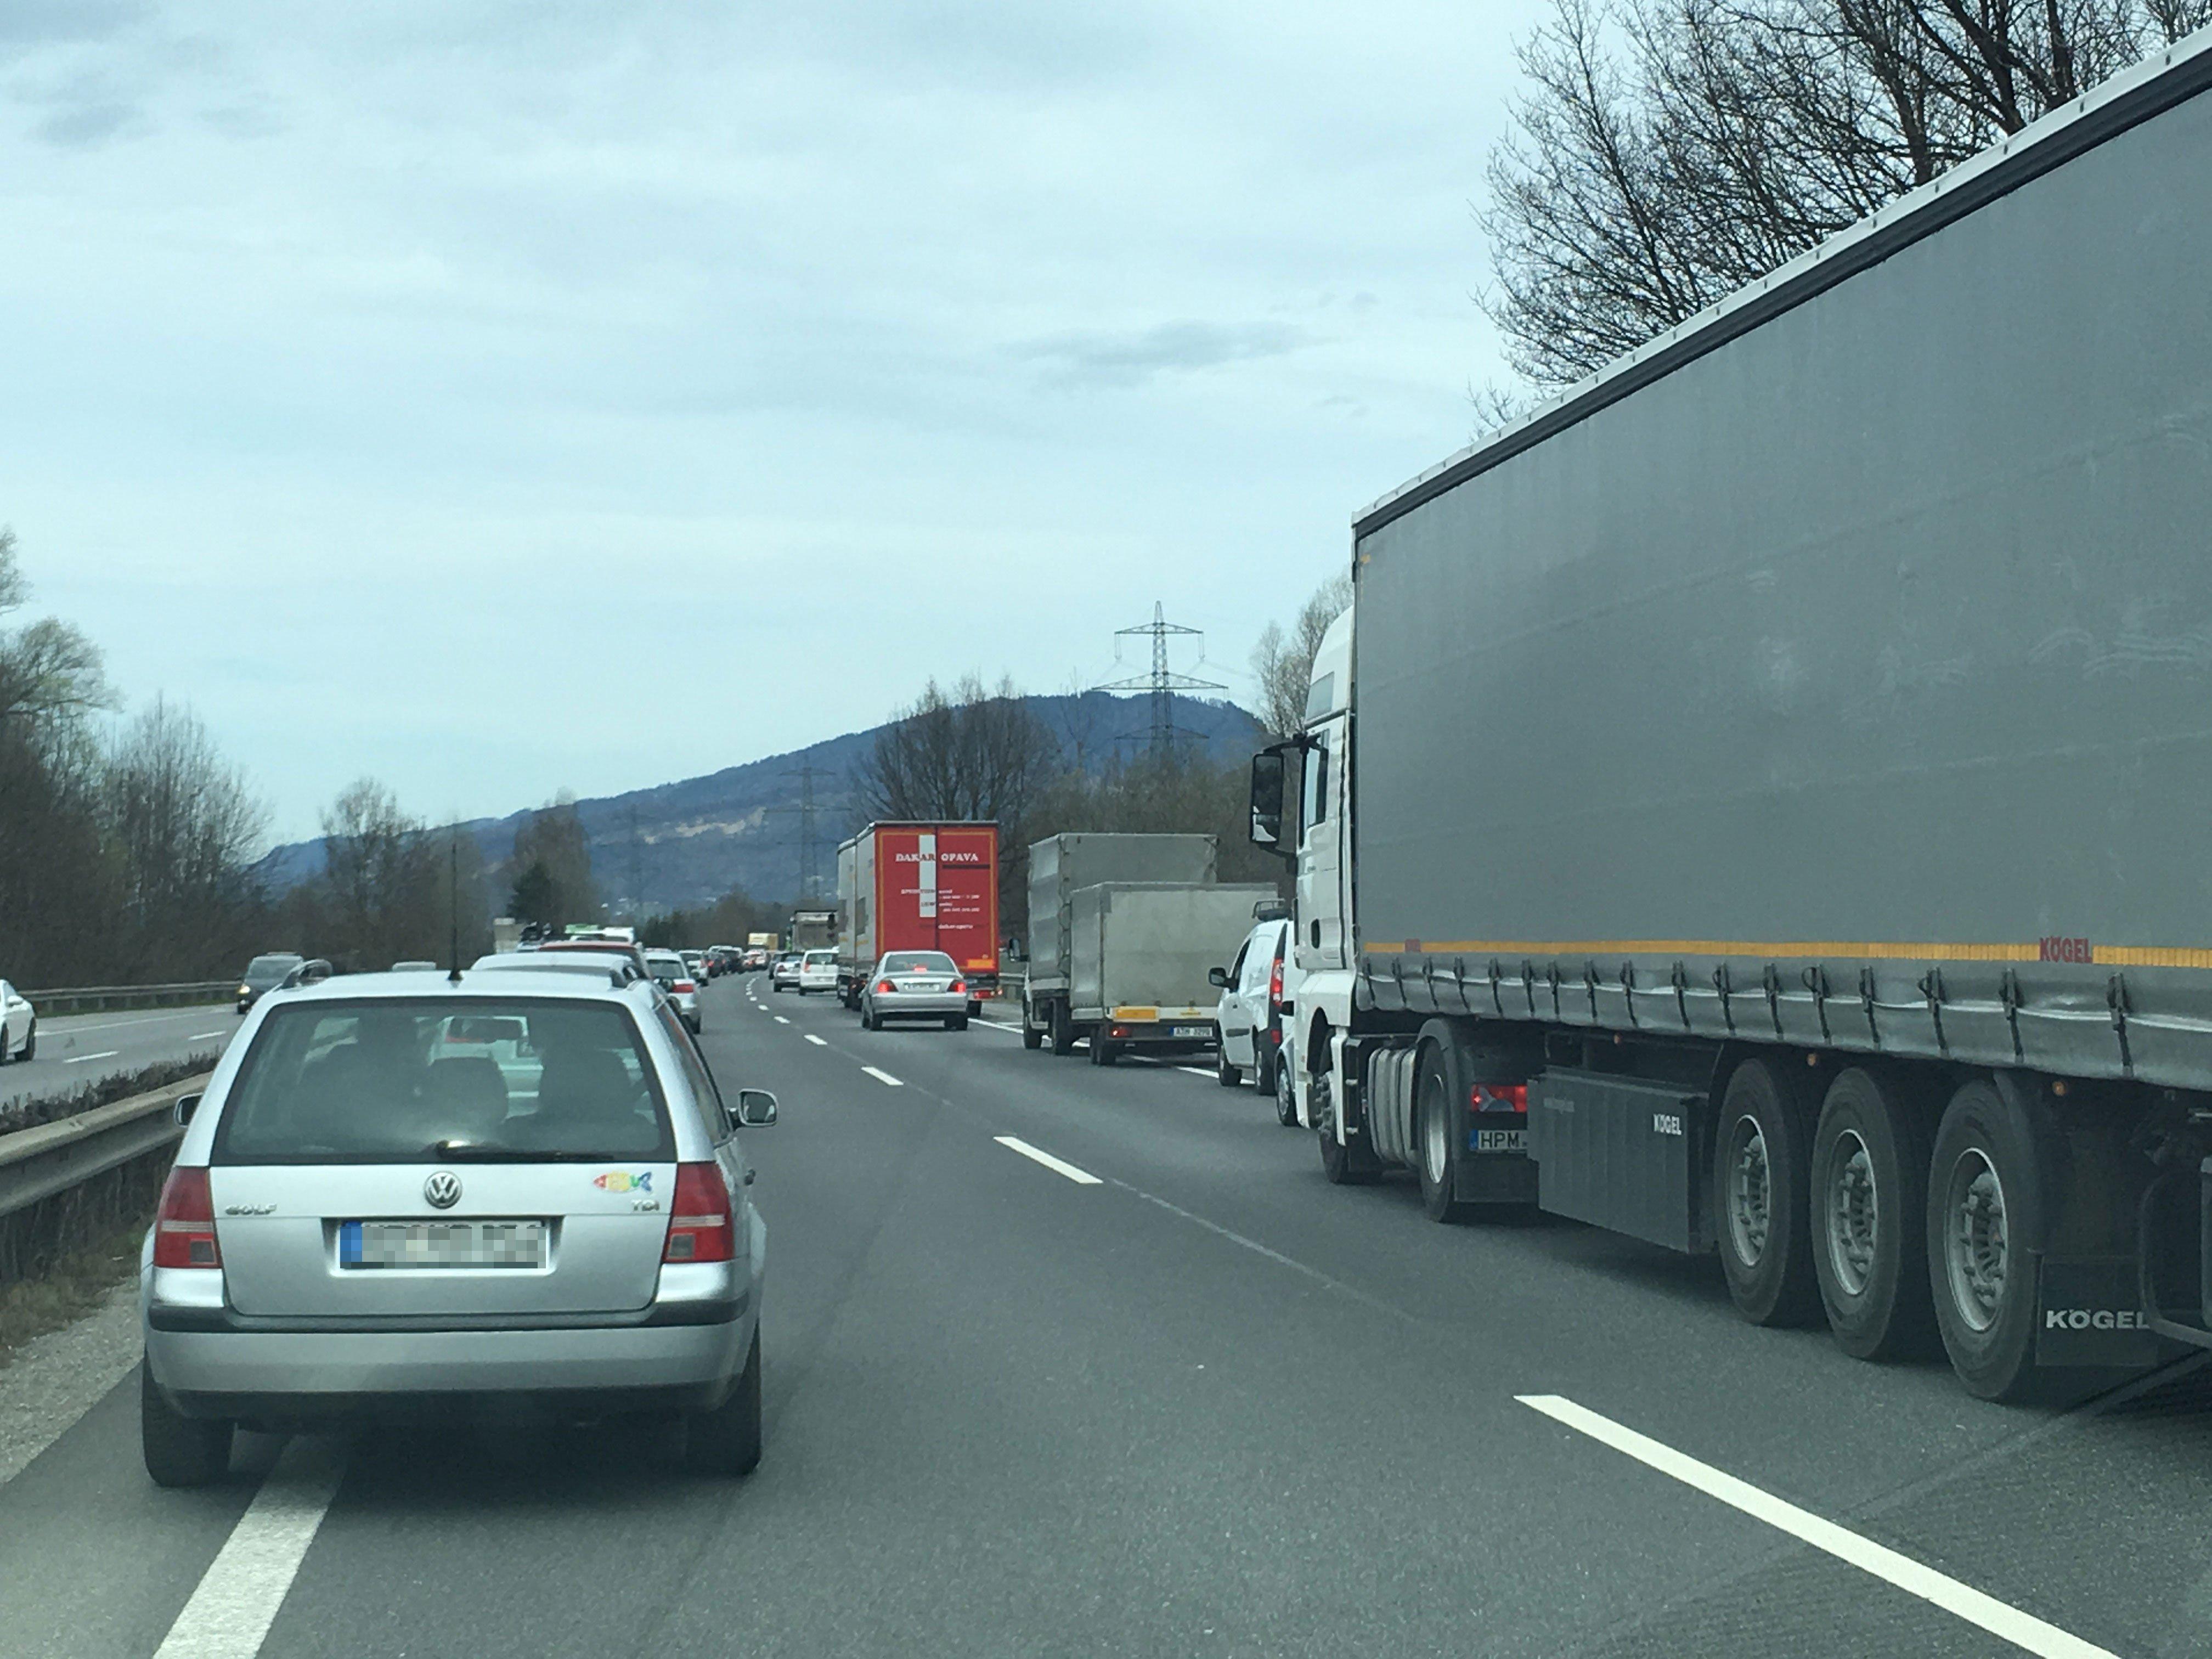 A96 Verkehrsmeldung